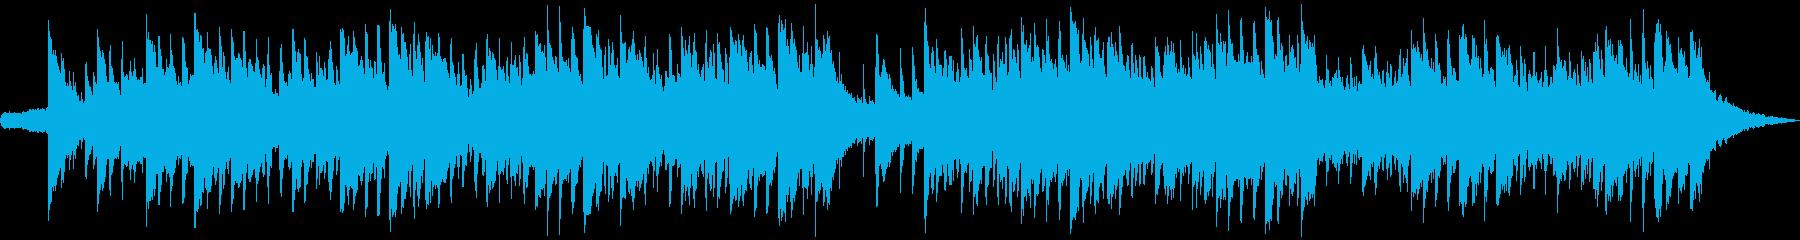 アンビエントミュージック バラード...の再生済みの波形